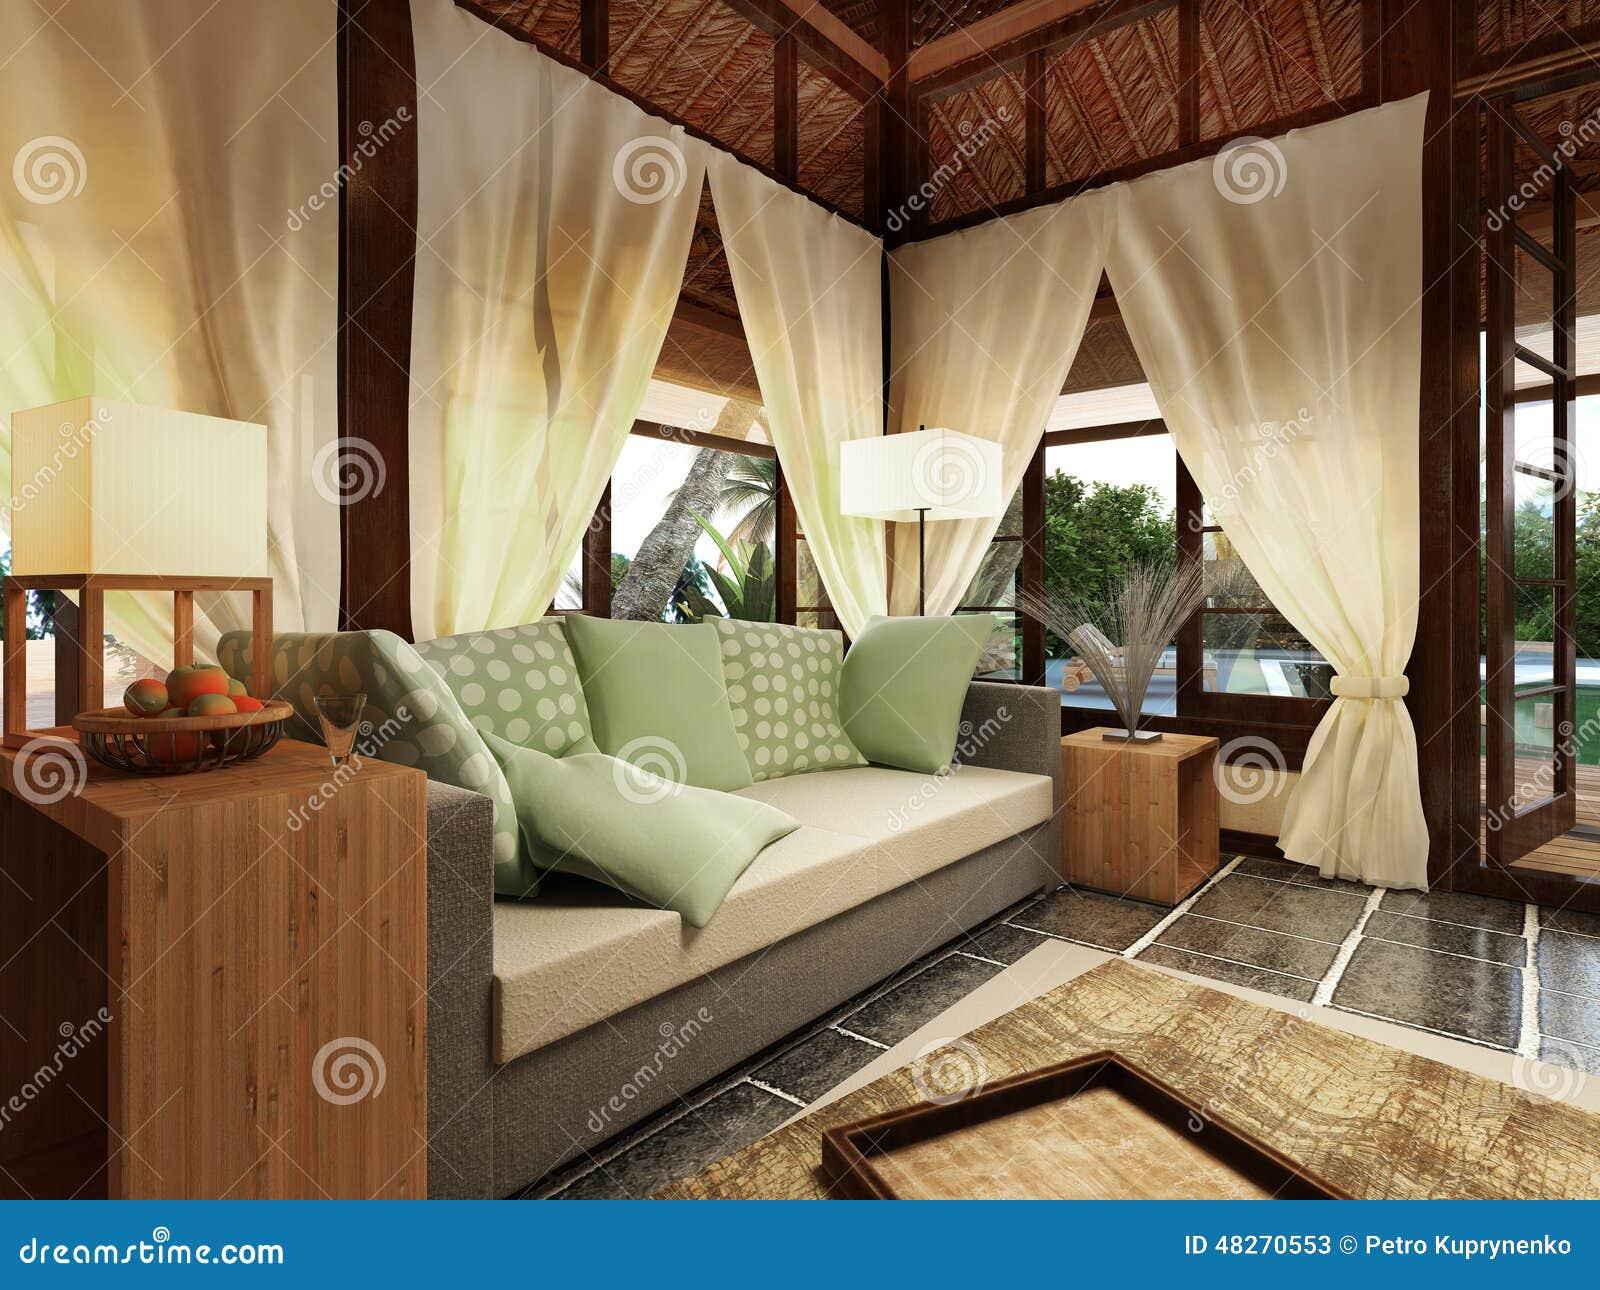 Dise o interior de la casa de planta baja stock de - Diseno interior casa ...